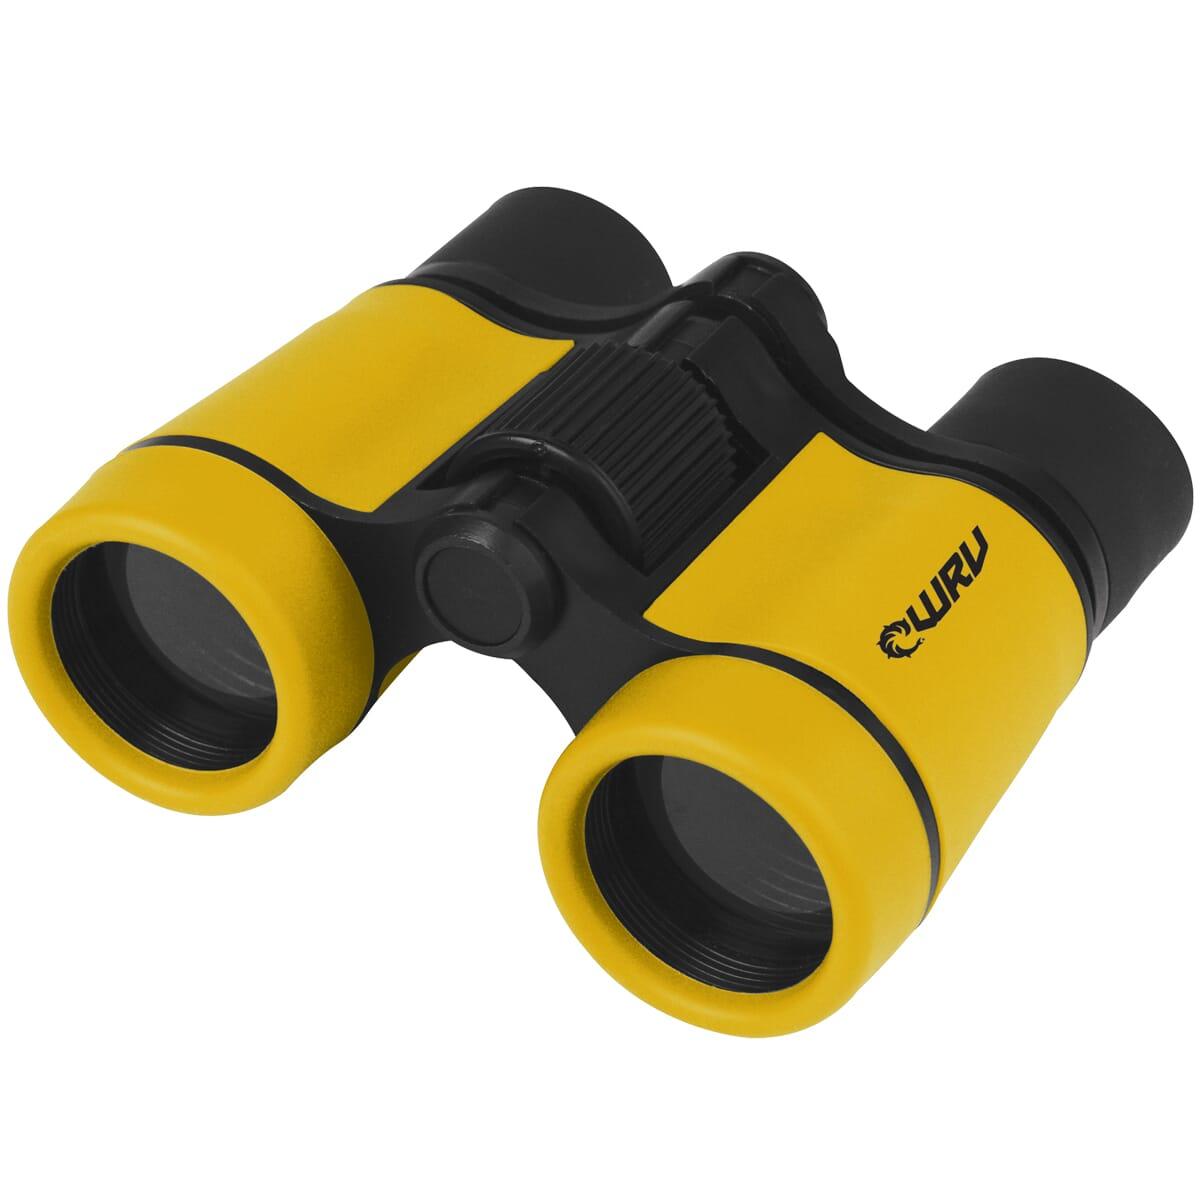 Black and yellow binoculars